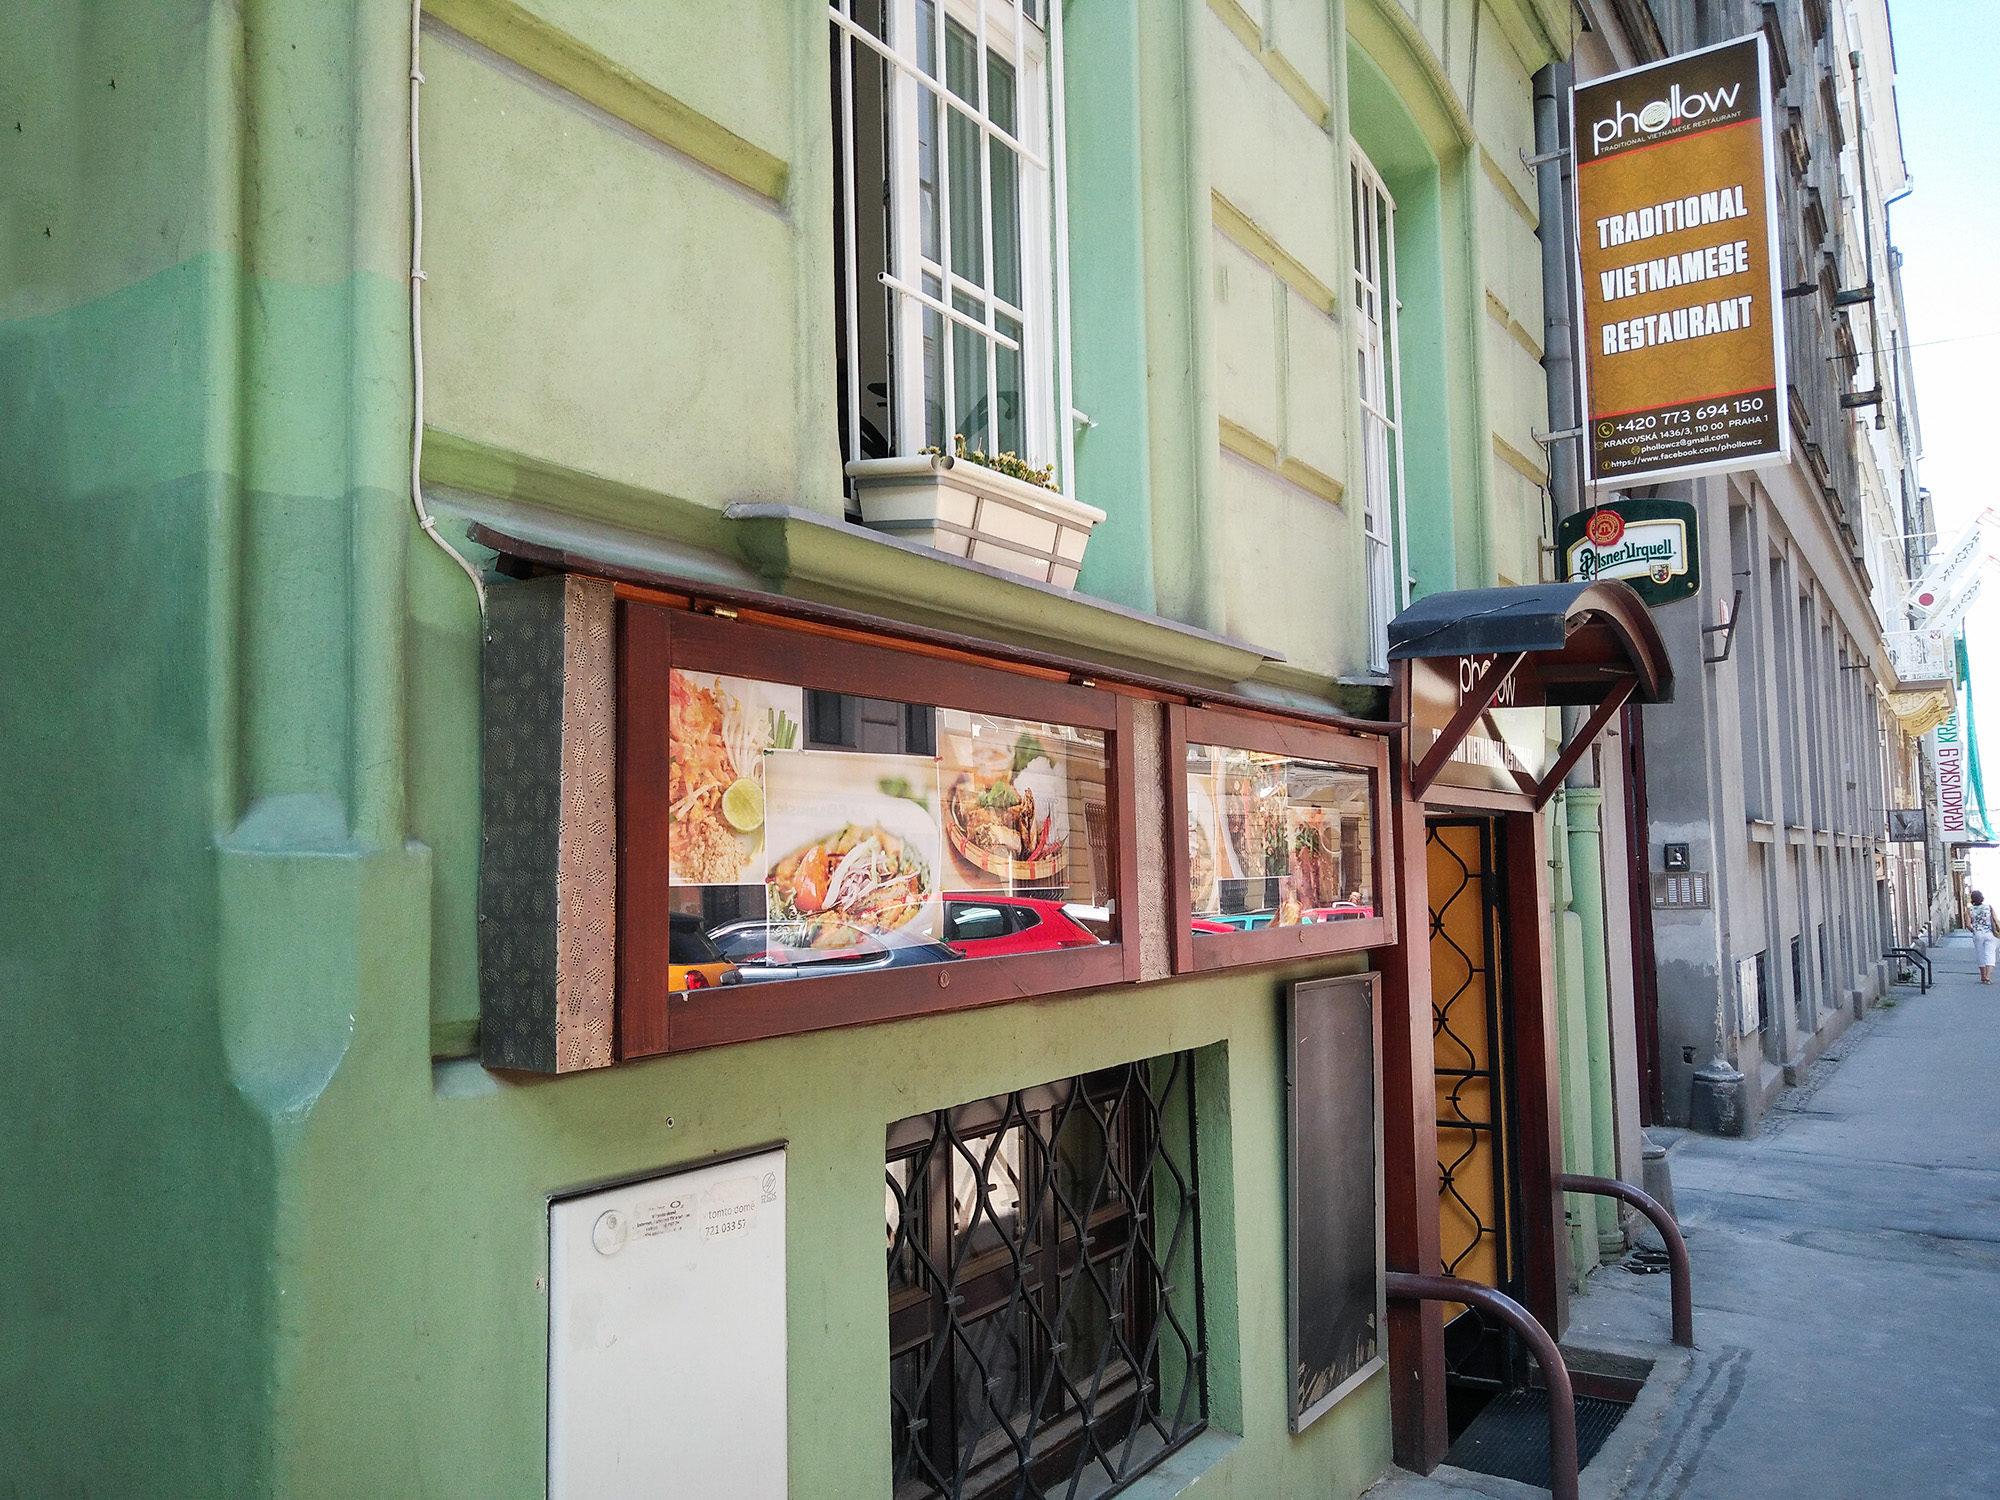 Phollow vietnamese food in Prague – Vegan Food Guide